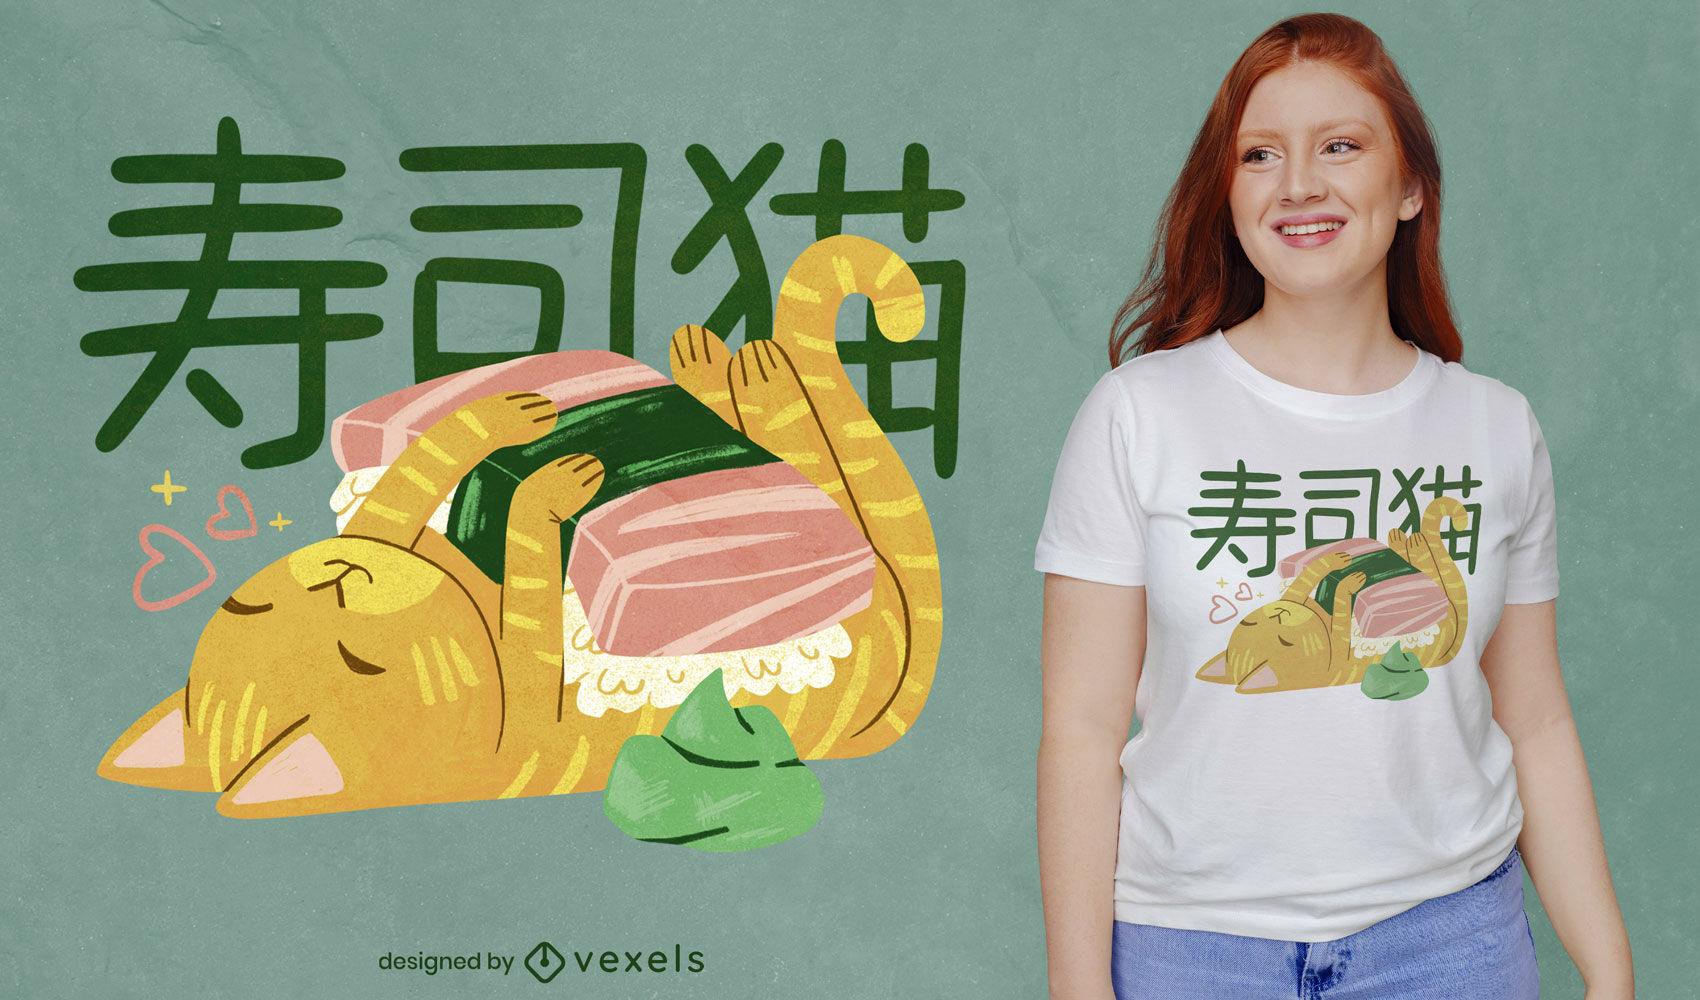 Sushi cat japanese psd t-shirt design